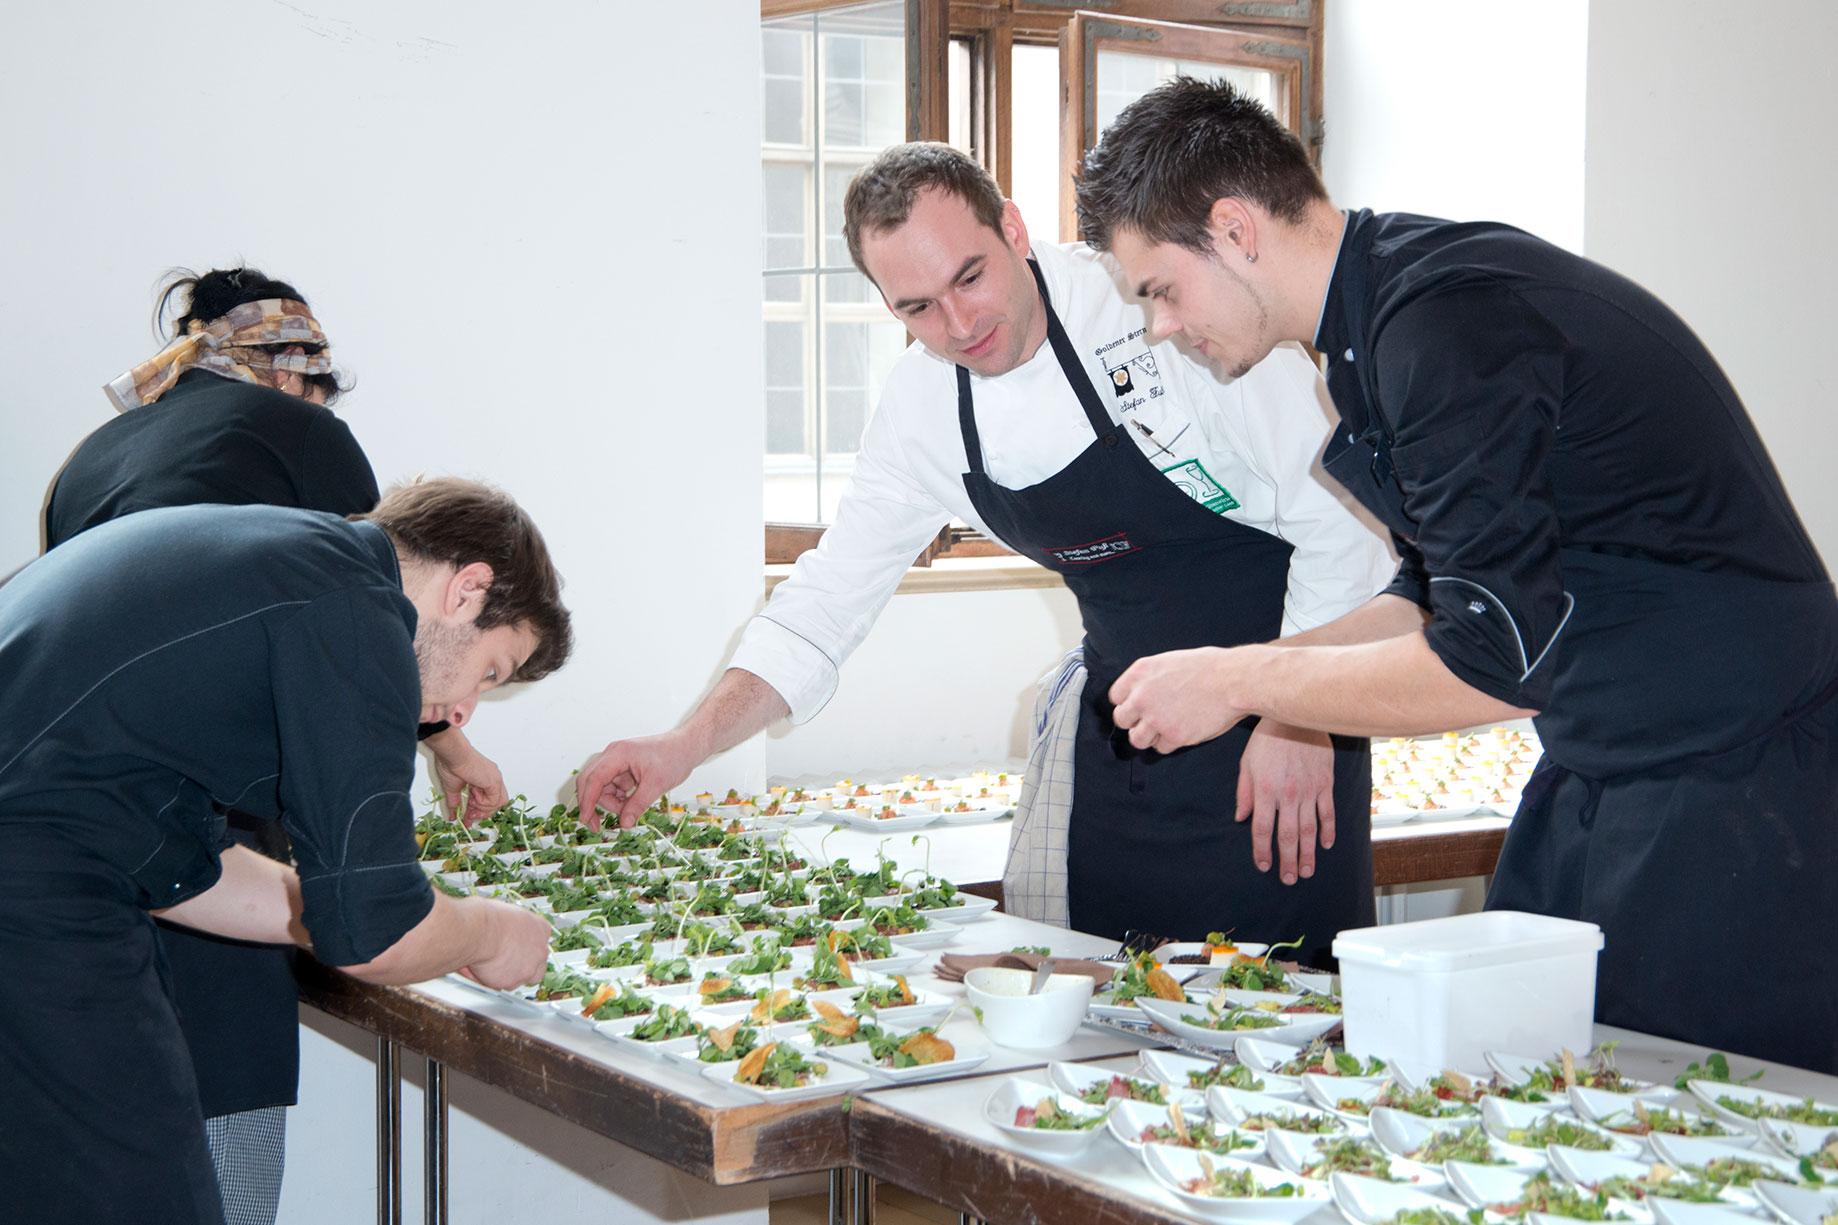 Catering Event, ausgerichtet von Stefan Fuss